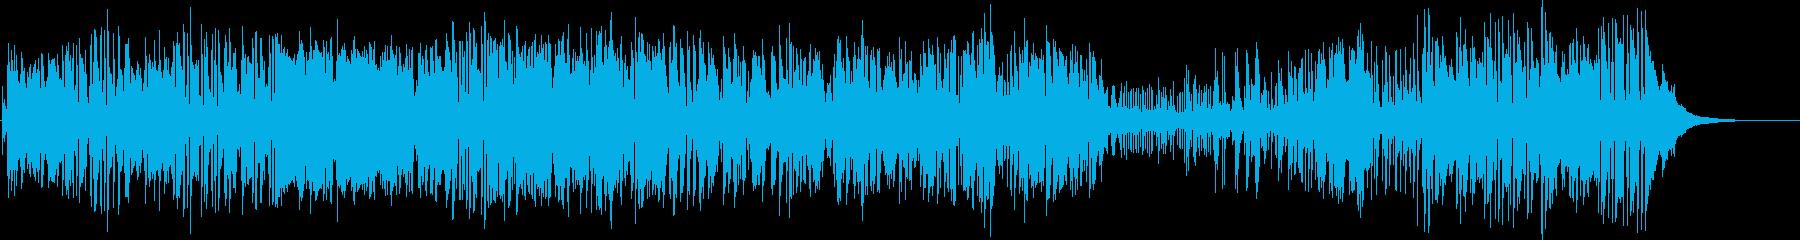 ジャズ。テーマのジャズコンサートカ...の再生済みの波形